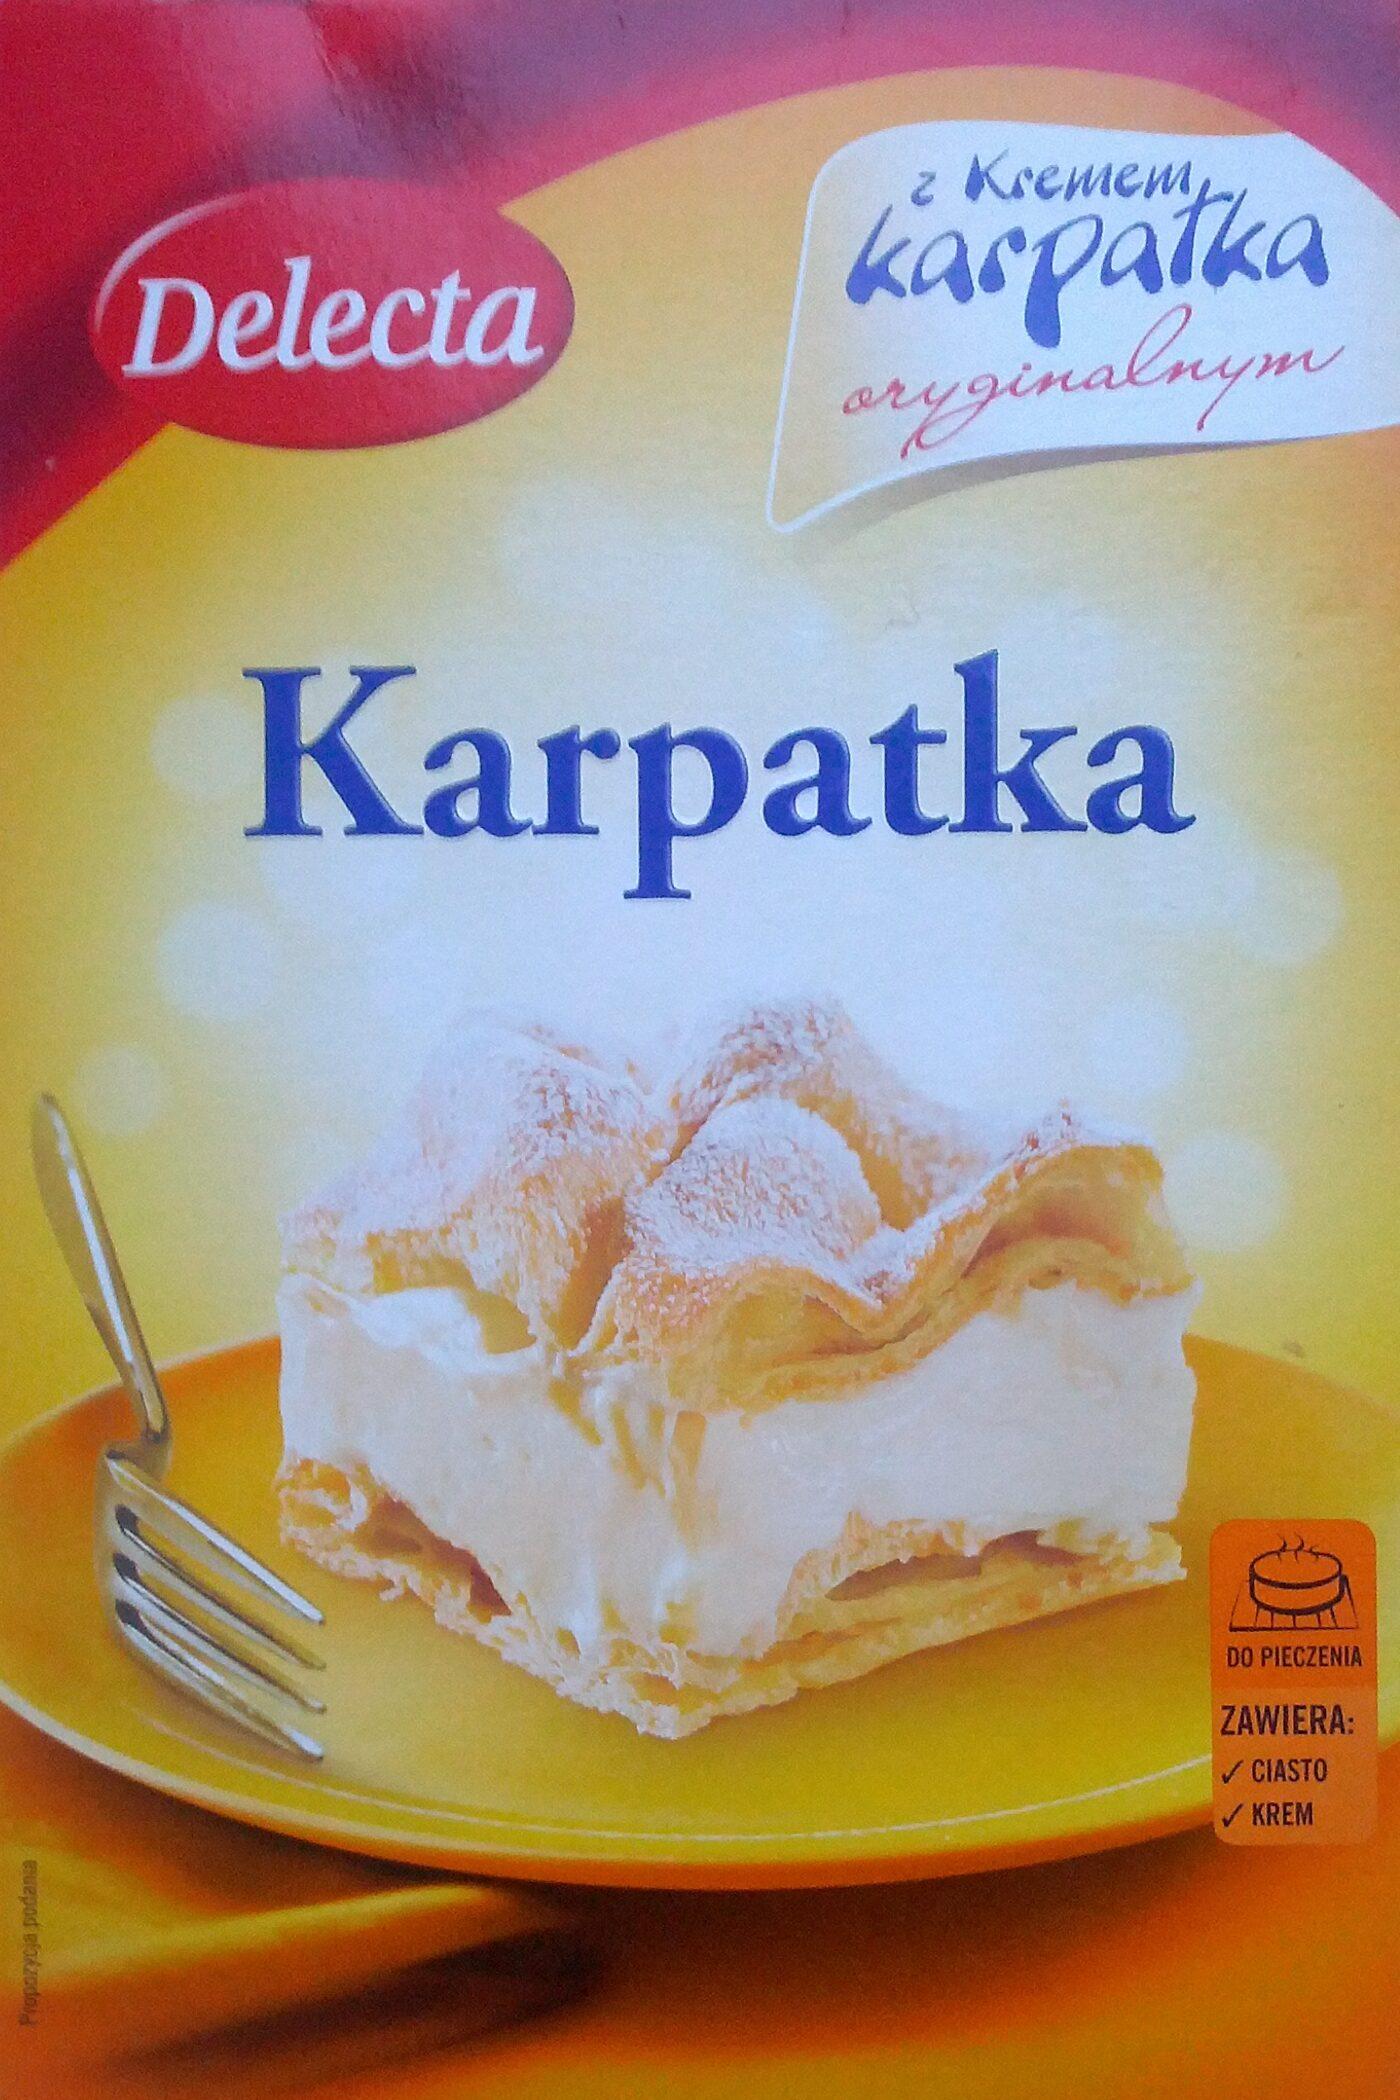 Delecta Karpatka - Produkt - pl